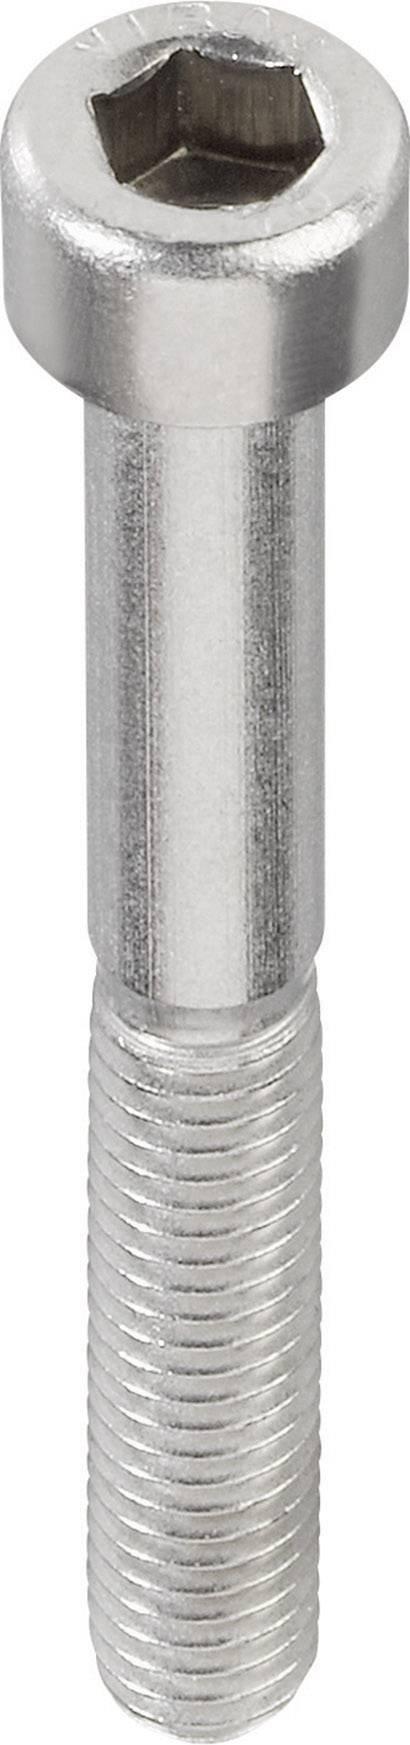 Šrouby s válcovou hlavou TOOLCRAFT 839694, N/A, M2, 16 mm, nerezová ocel, 20 ks